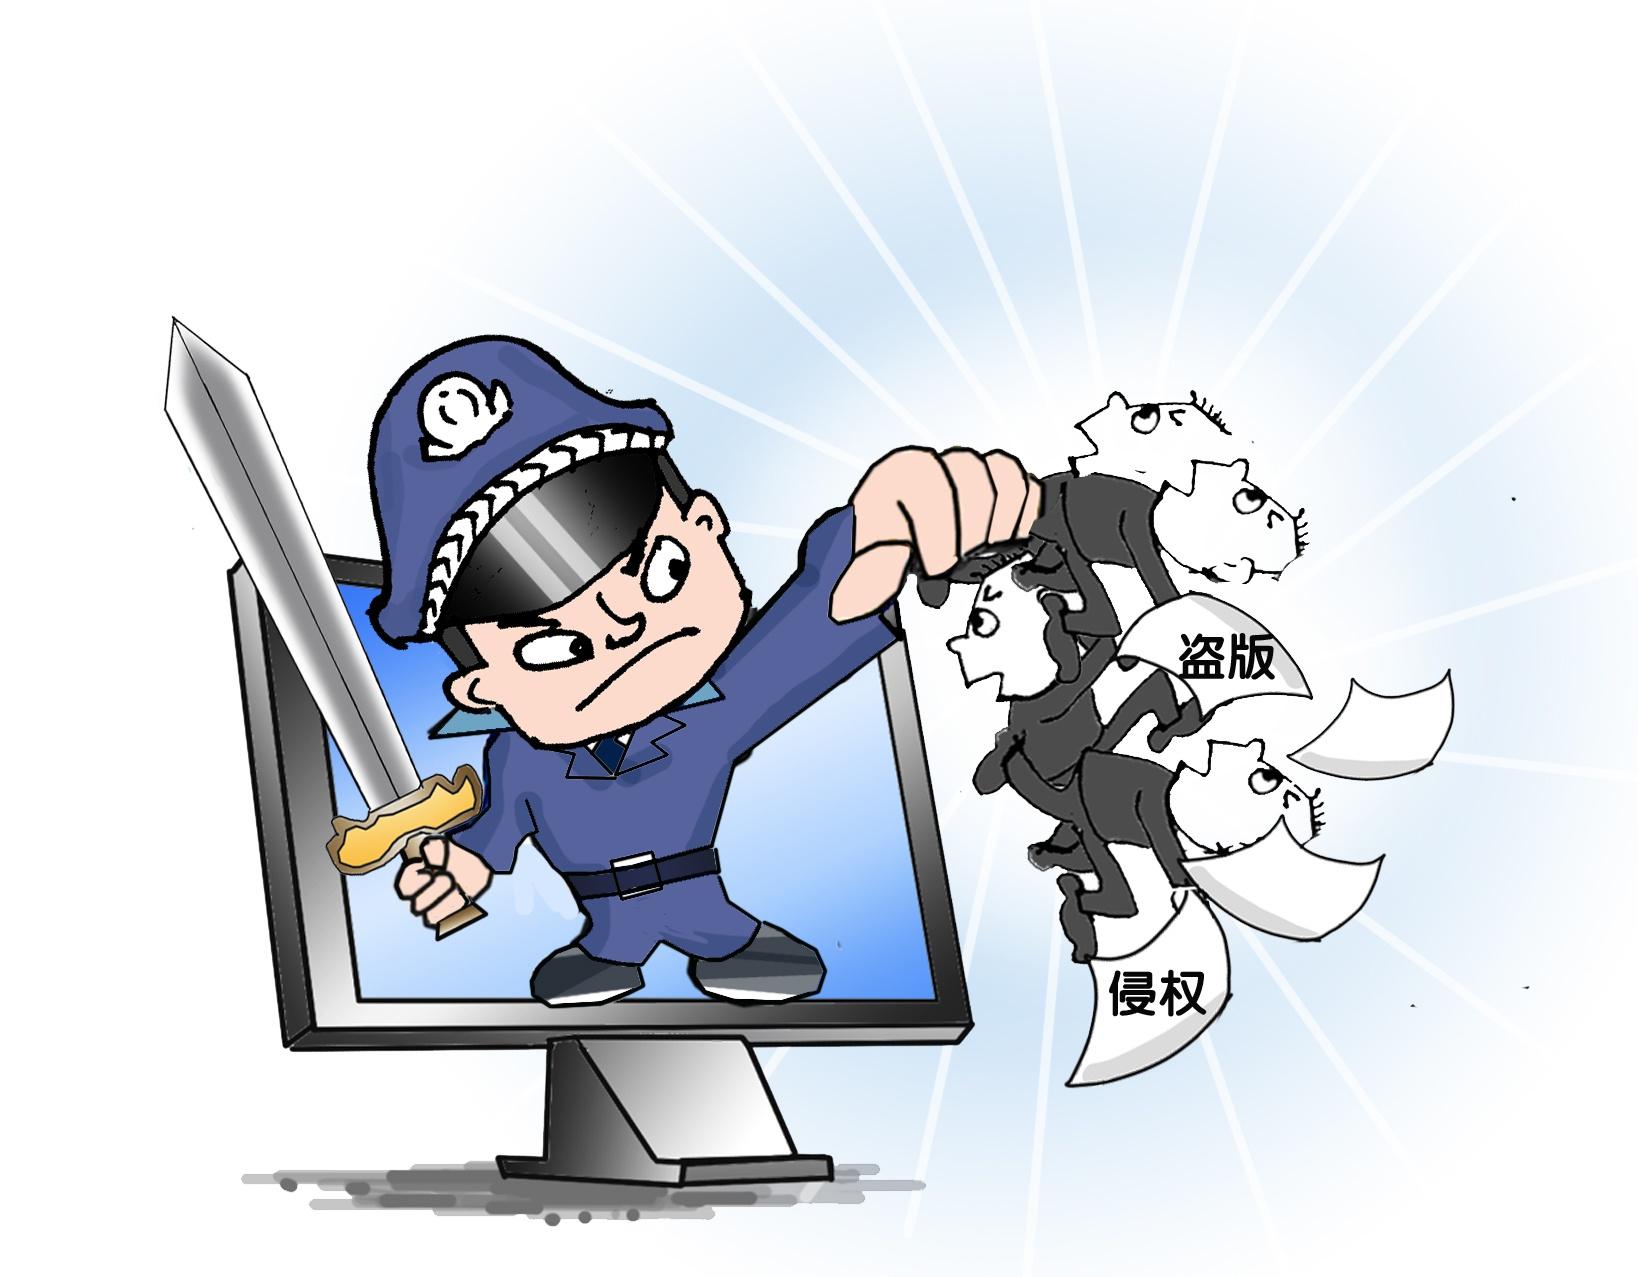 """""""分享""""春节档电影盗版链接侵权吗?法官:点击5万次可量刑"""